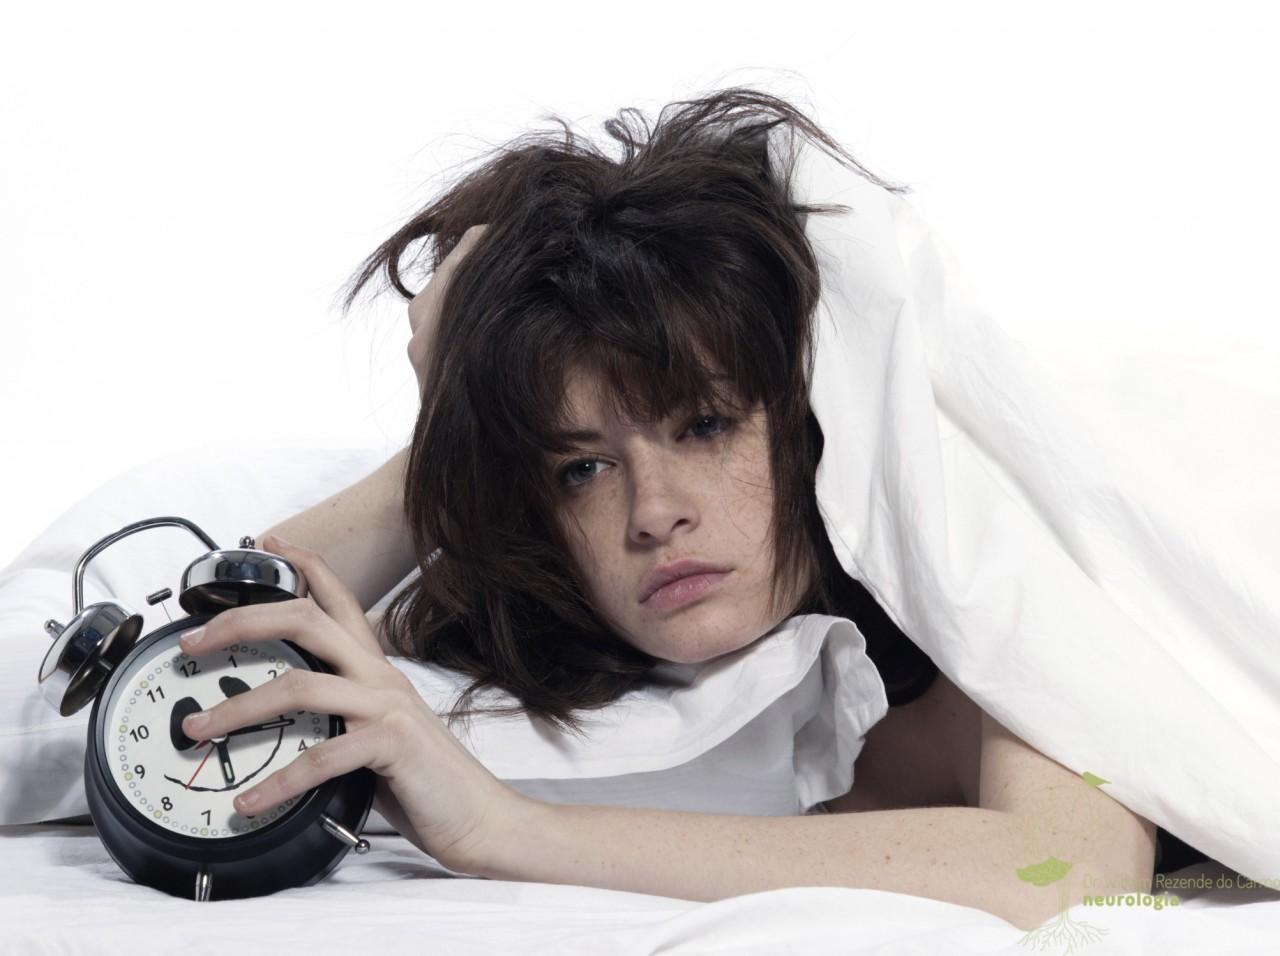 Embriaguez do sono pode afetar um em cada sete